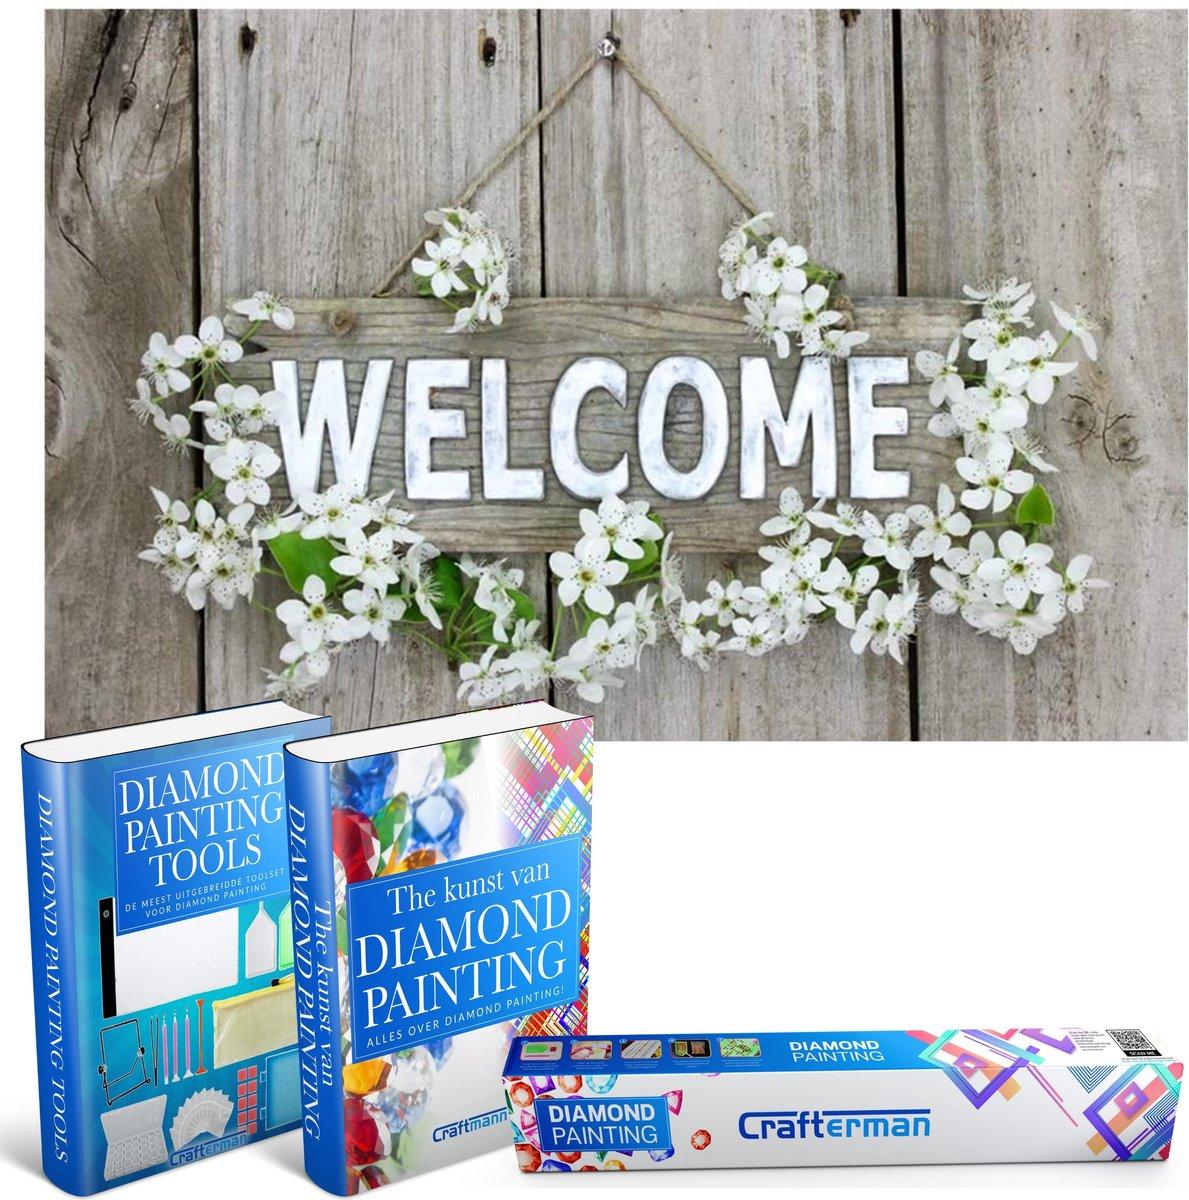 Crafterman™ Diamond Painting Pakket Volwassenen - Welcome Bordje - 40x30cm - volledige bedekking - vierkante steentjes - Met tijdelijk 2 E-Books